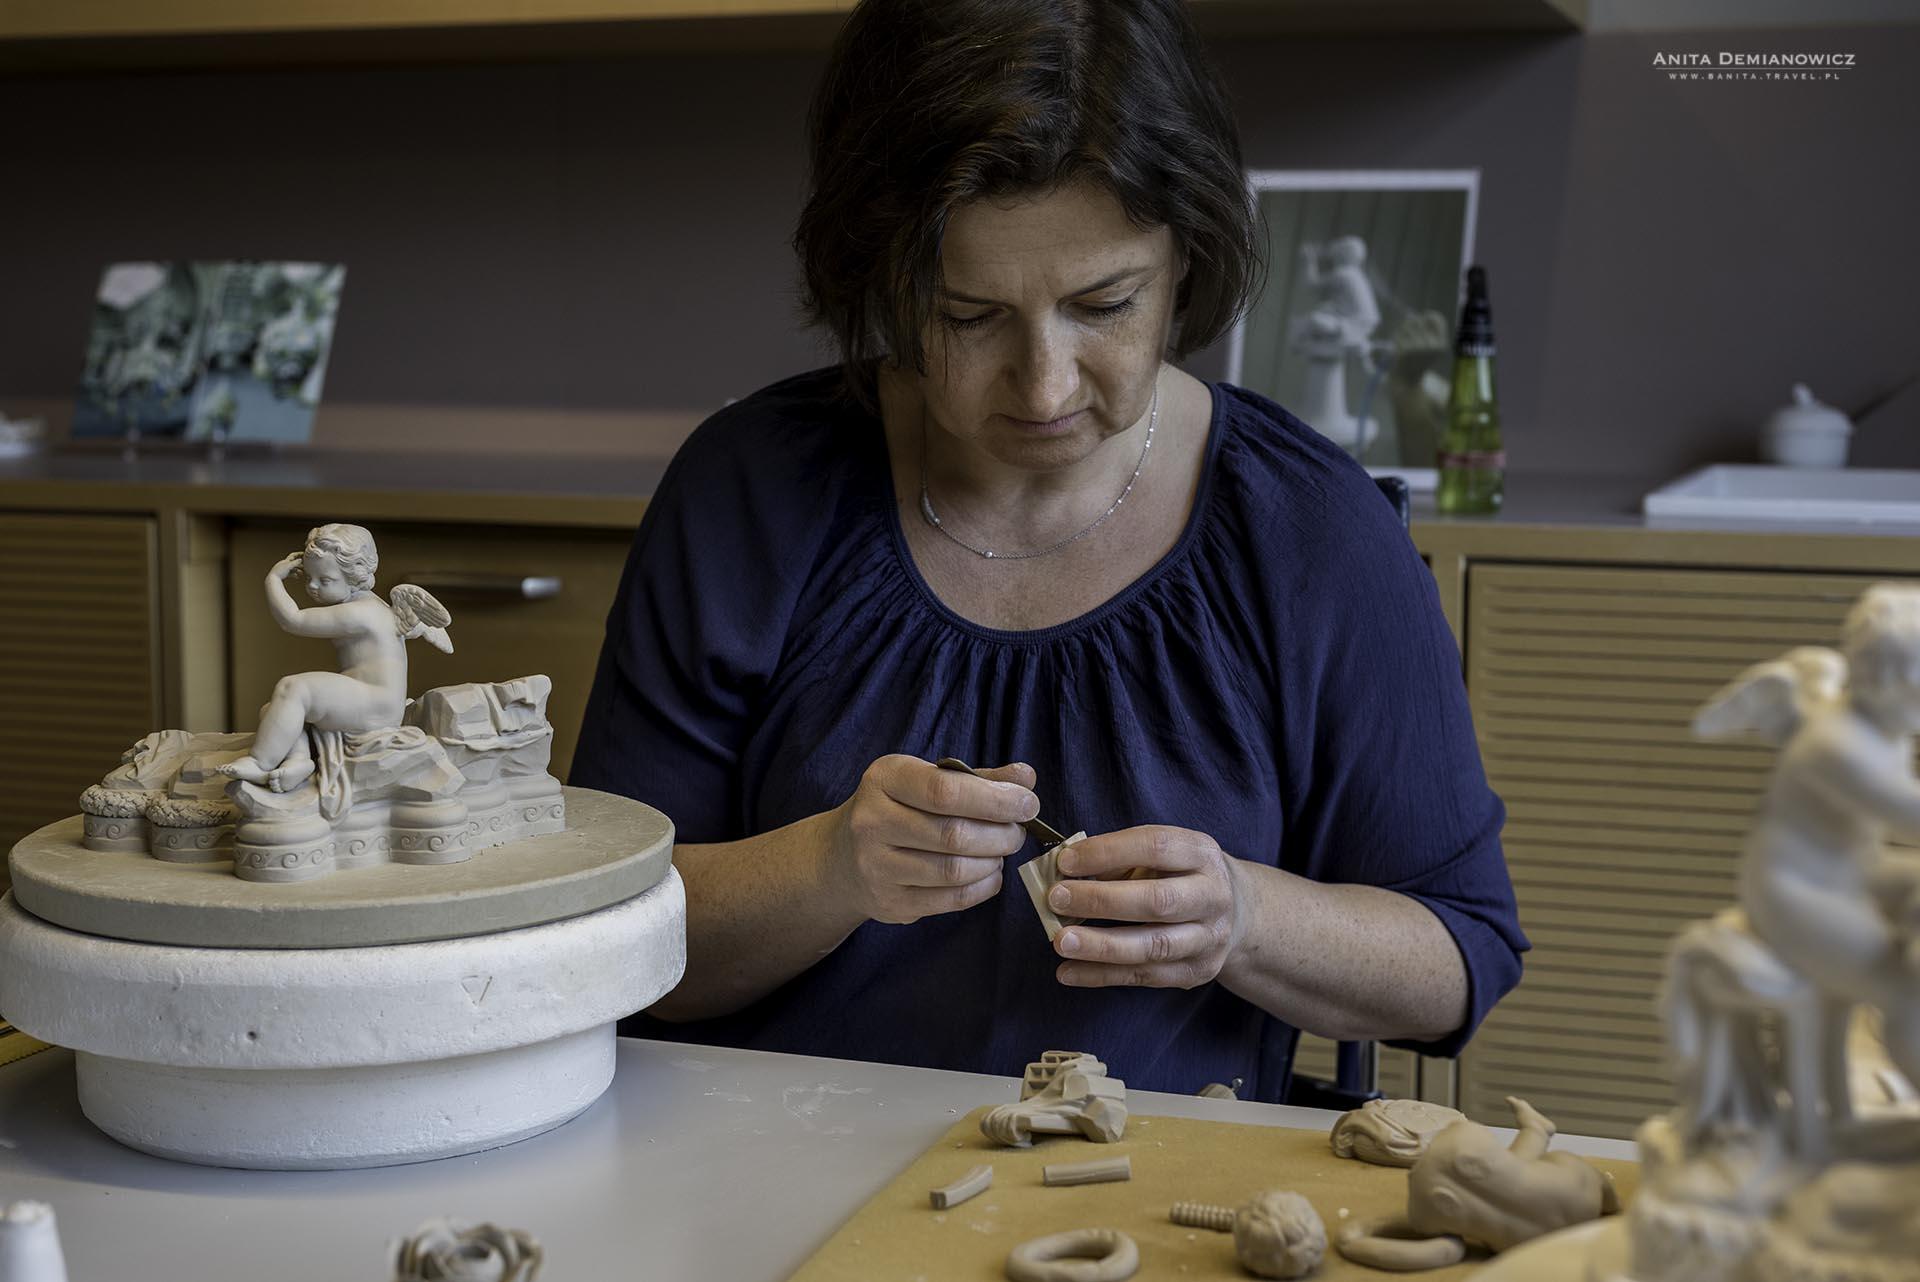 Modelarka przy pracy nad sklejaniem jednej z figurek.